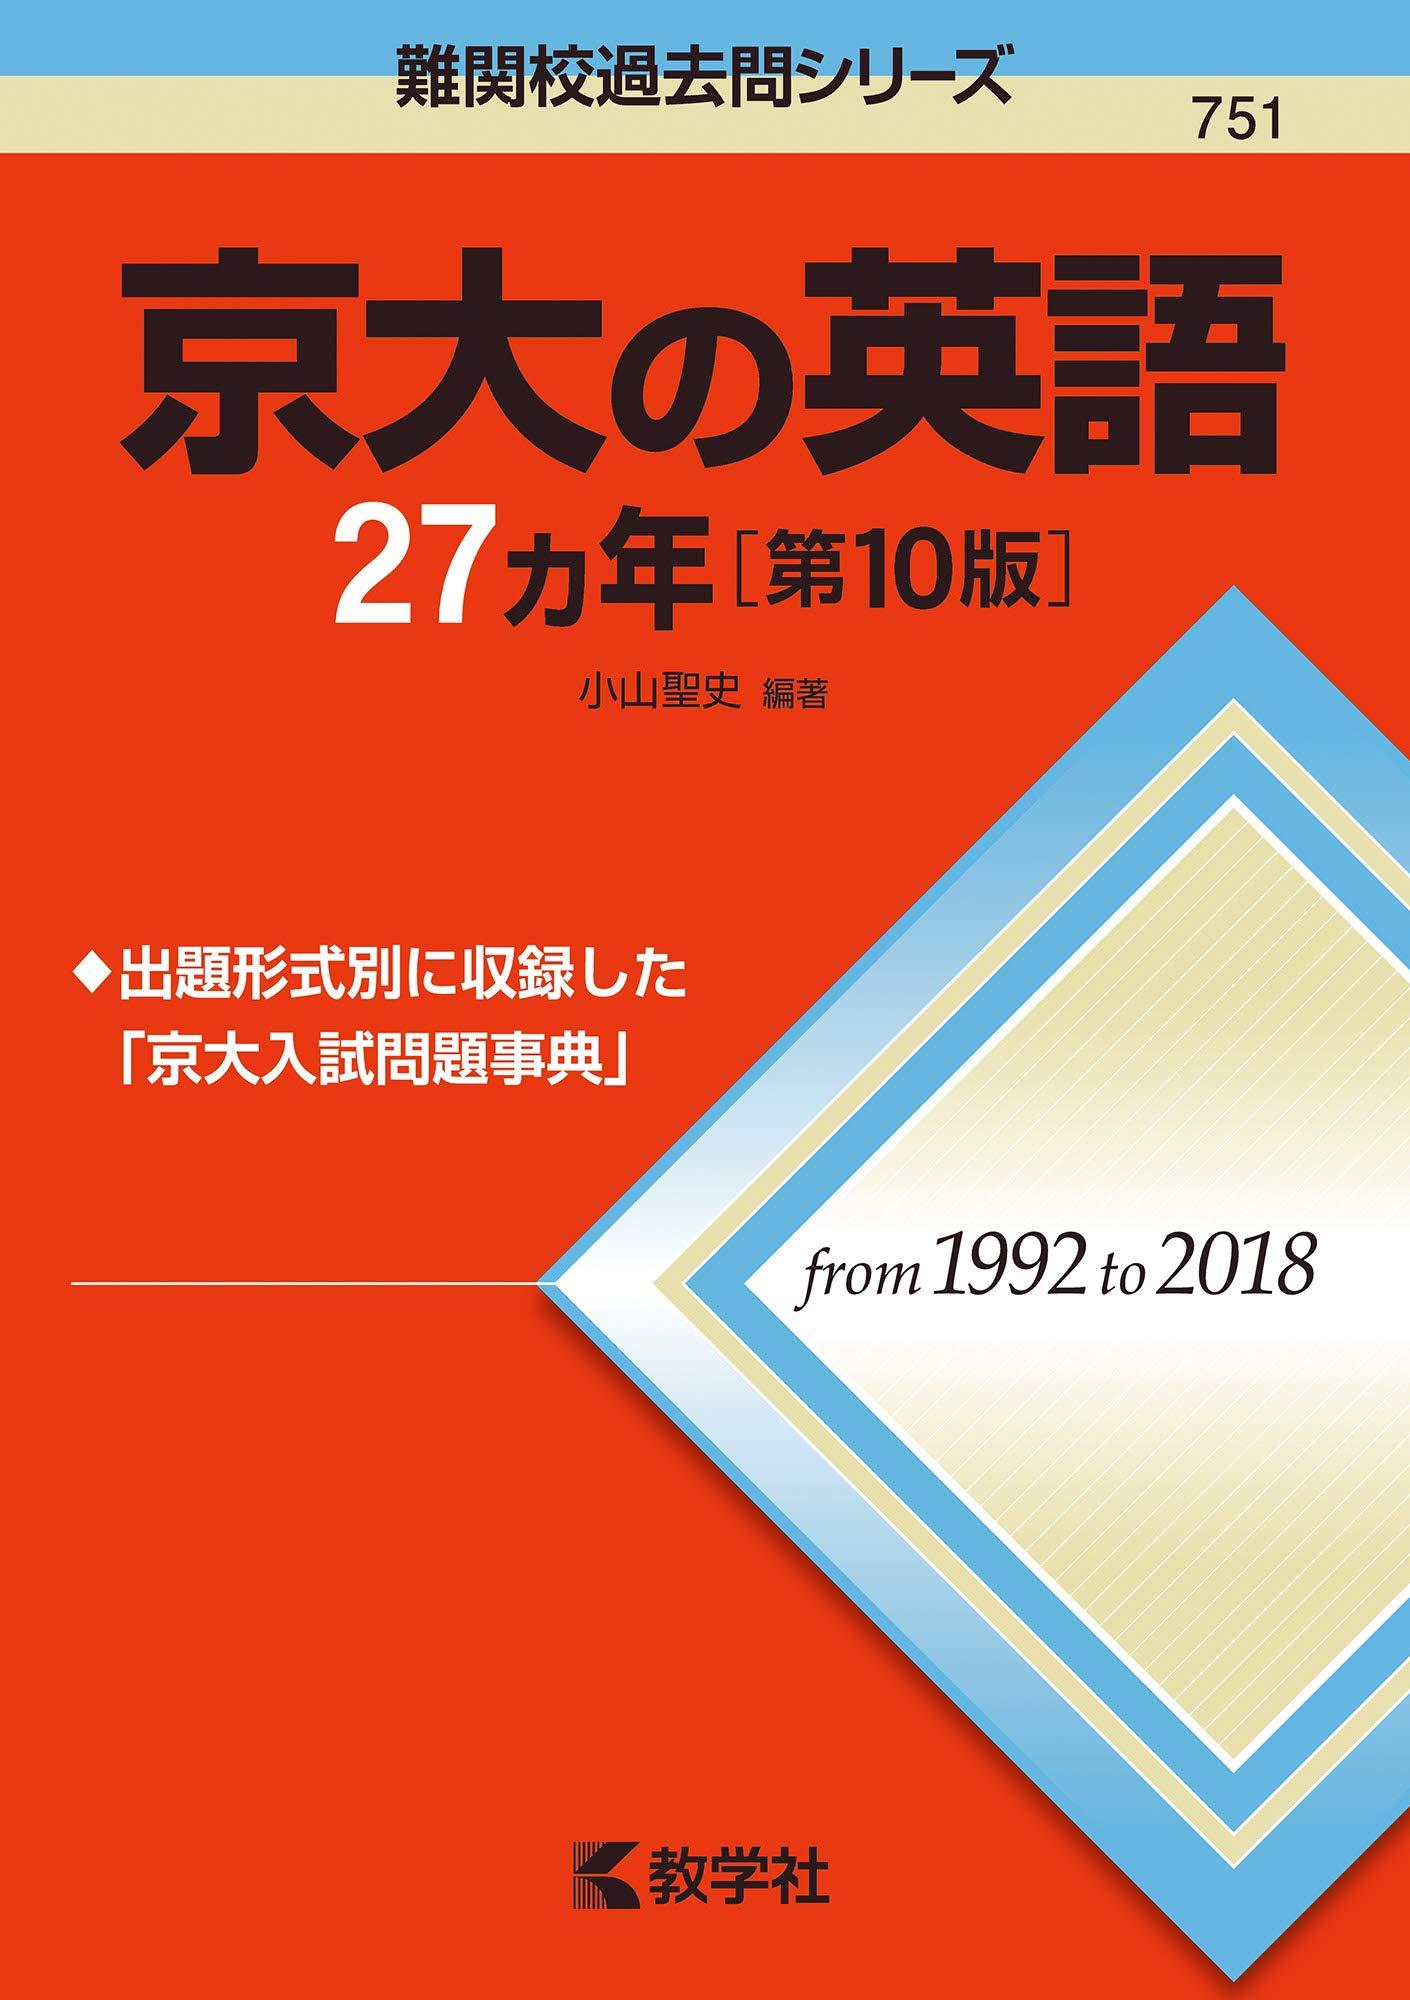 英作文のおすすめ参考書・問題集『京大の英語27ヵ年』